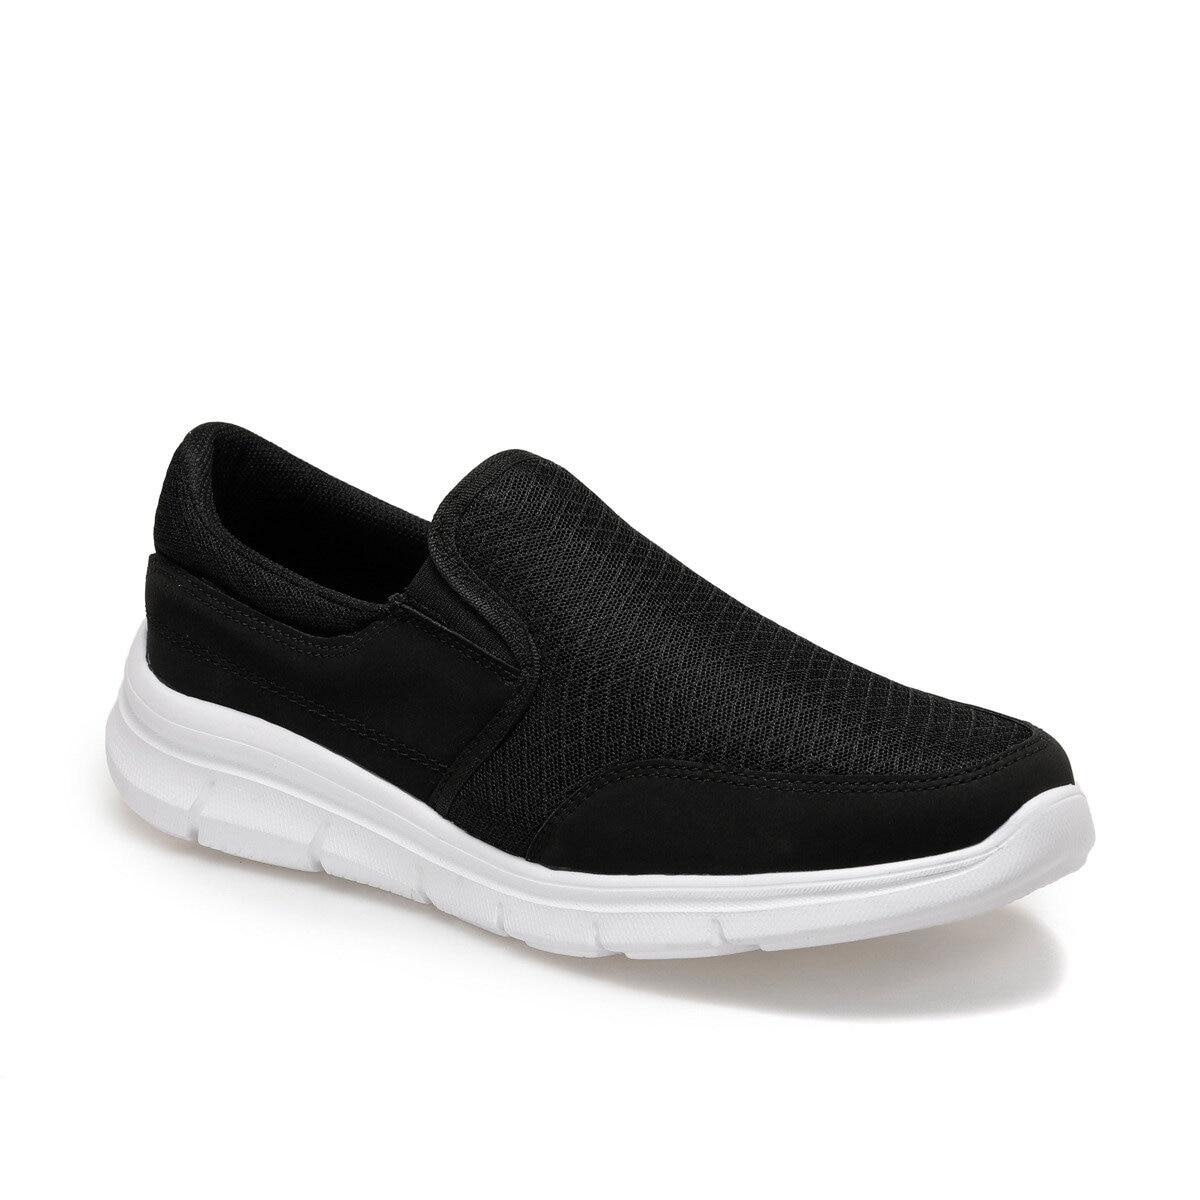 FLO KOBE II Black Men 'S Comfort Shoes Torex